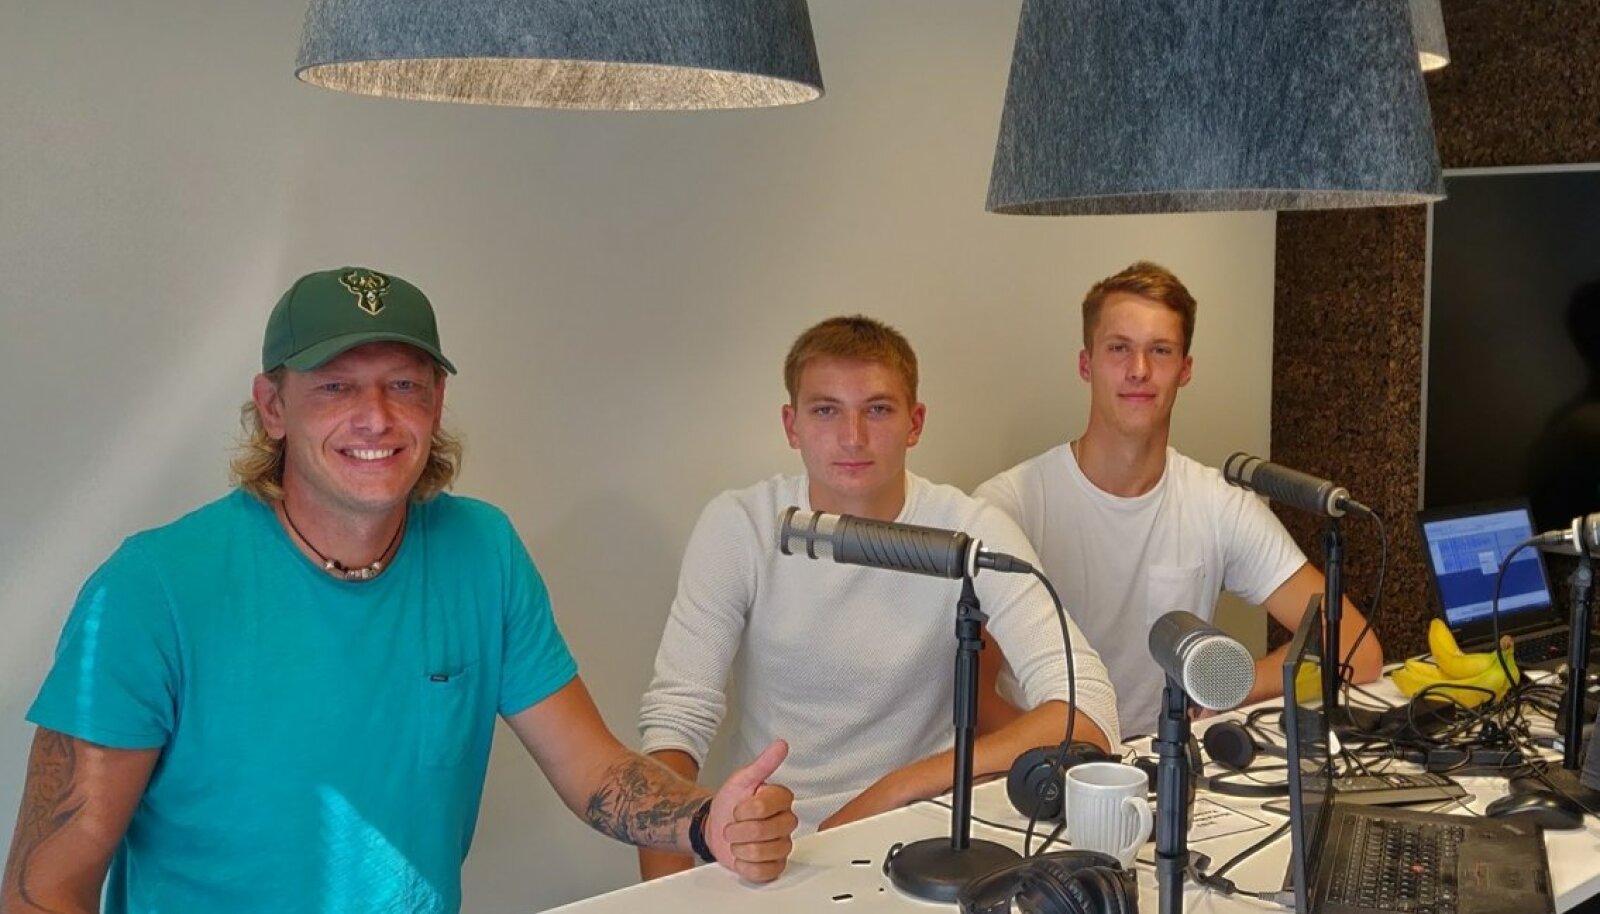 Rivo Vesik, Timo Lõhmus, Märt Tammearu ja Karl Rinaldo Manta maja stuudios.